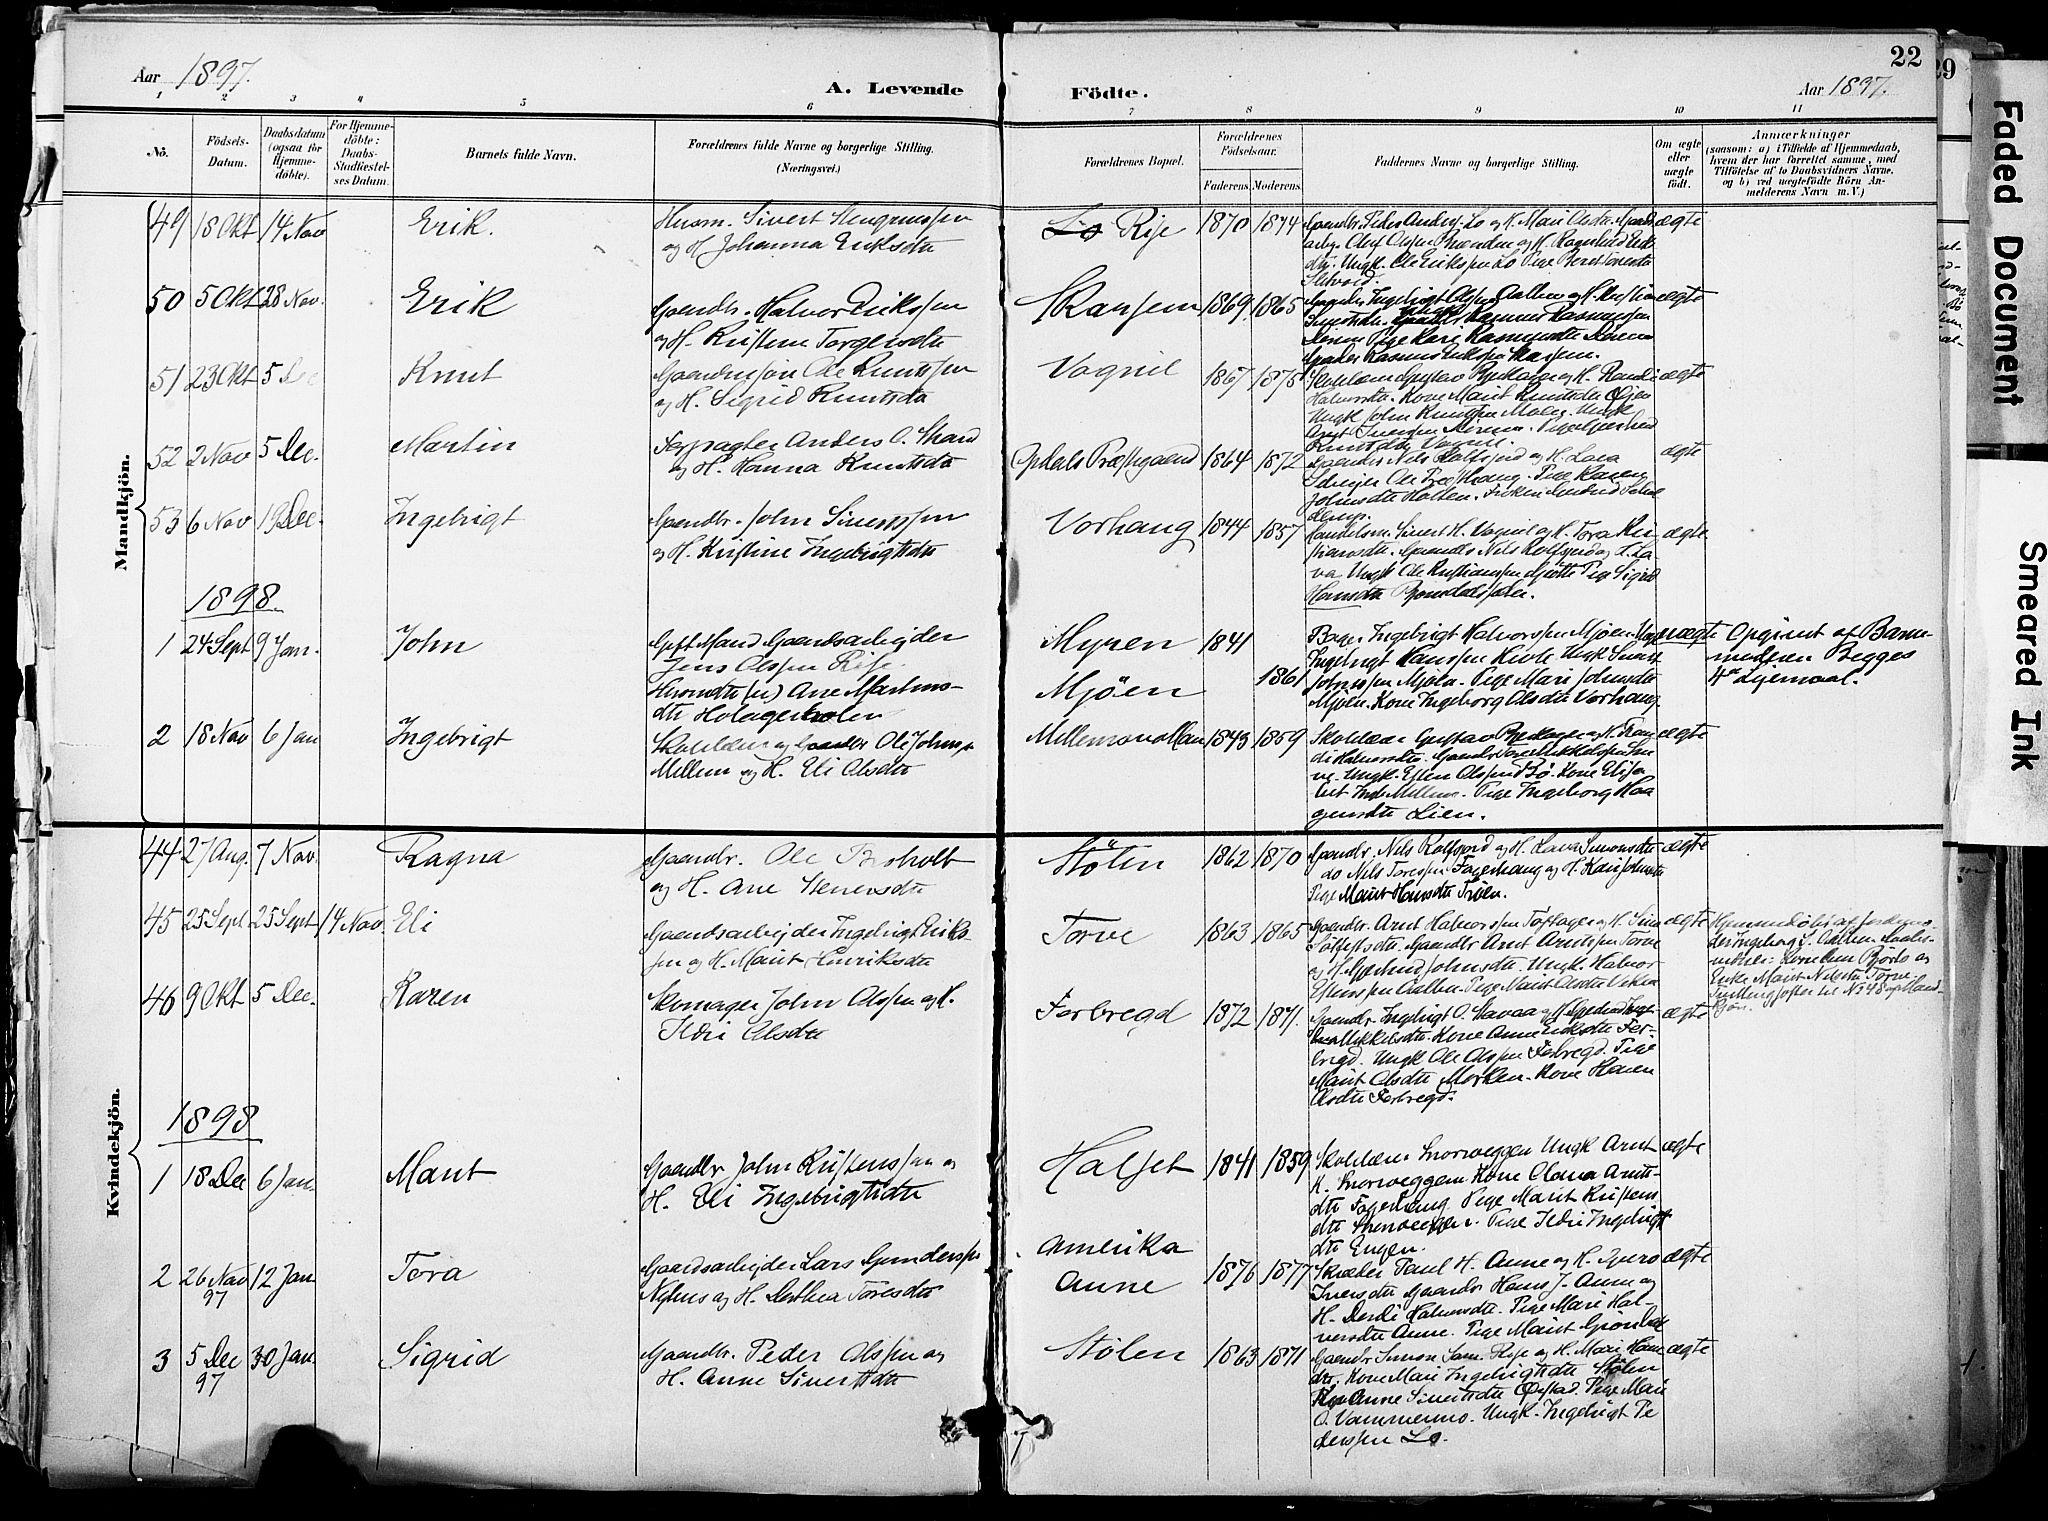 SAT, Ministerialprotokoller, klokkerbøker og fødselsregistre - Sør-Trøndelag, 678/L0902: Ministerialbok nr. 678A11, 1895-1911, s. 22